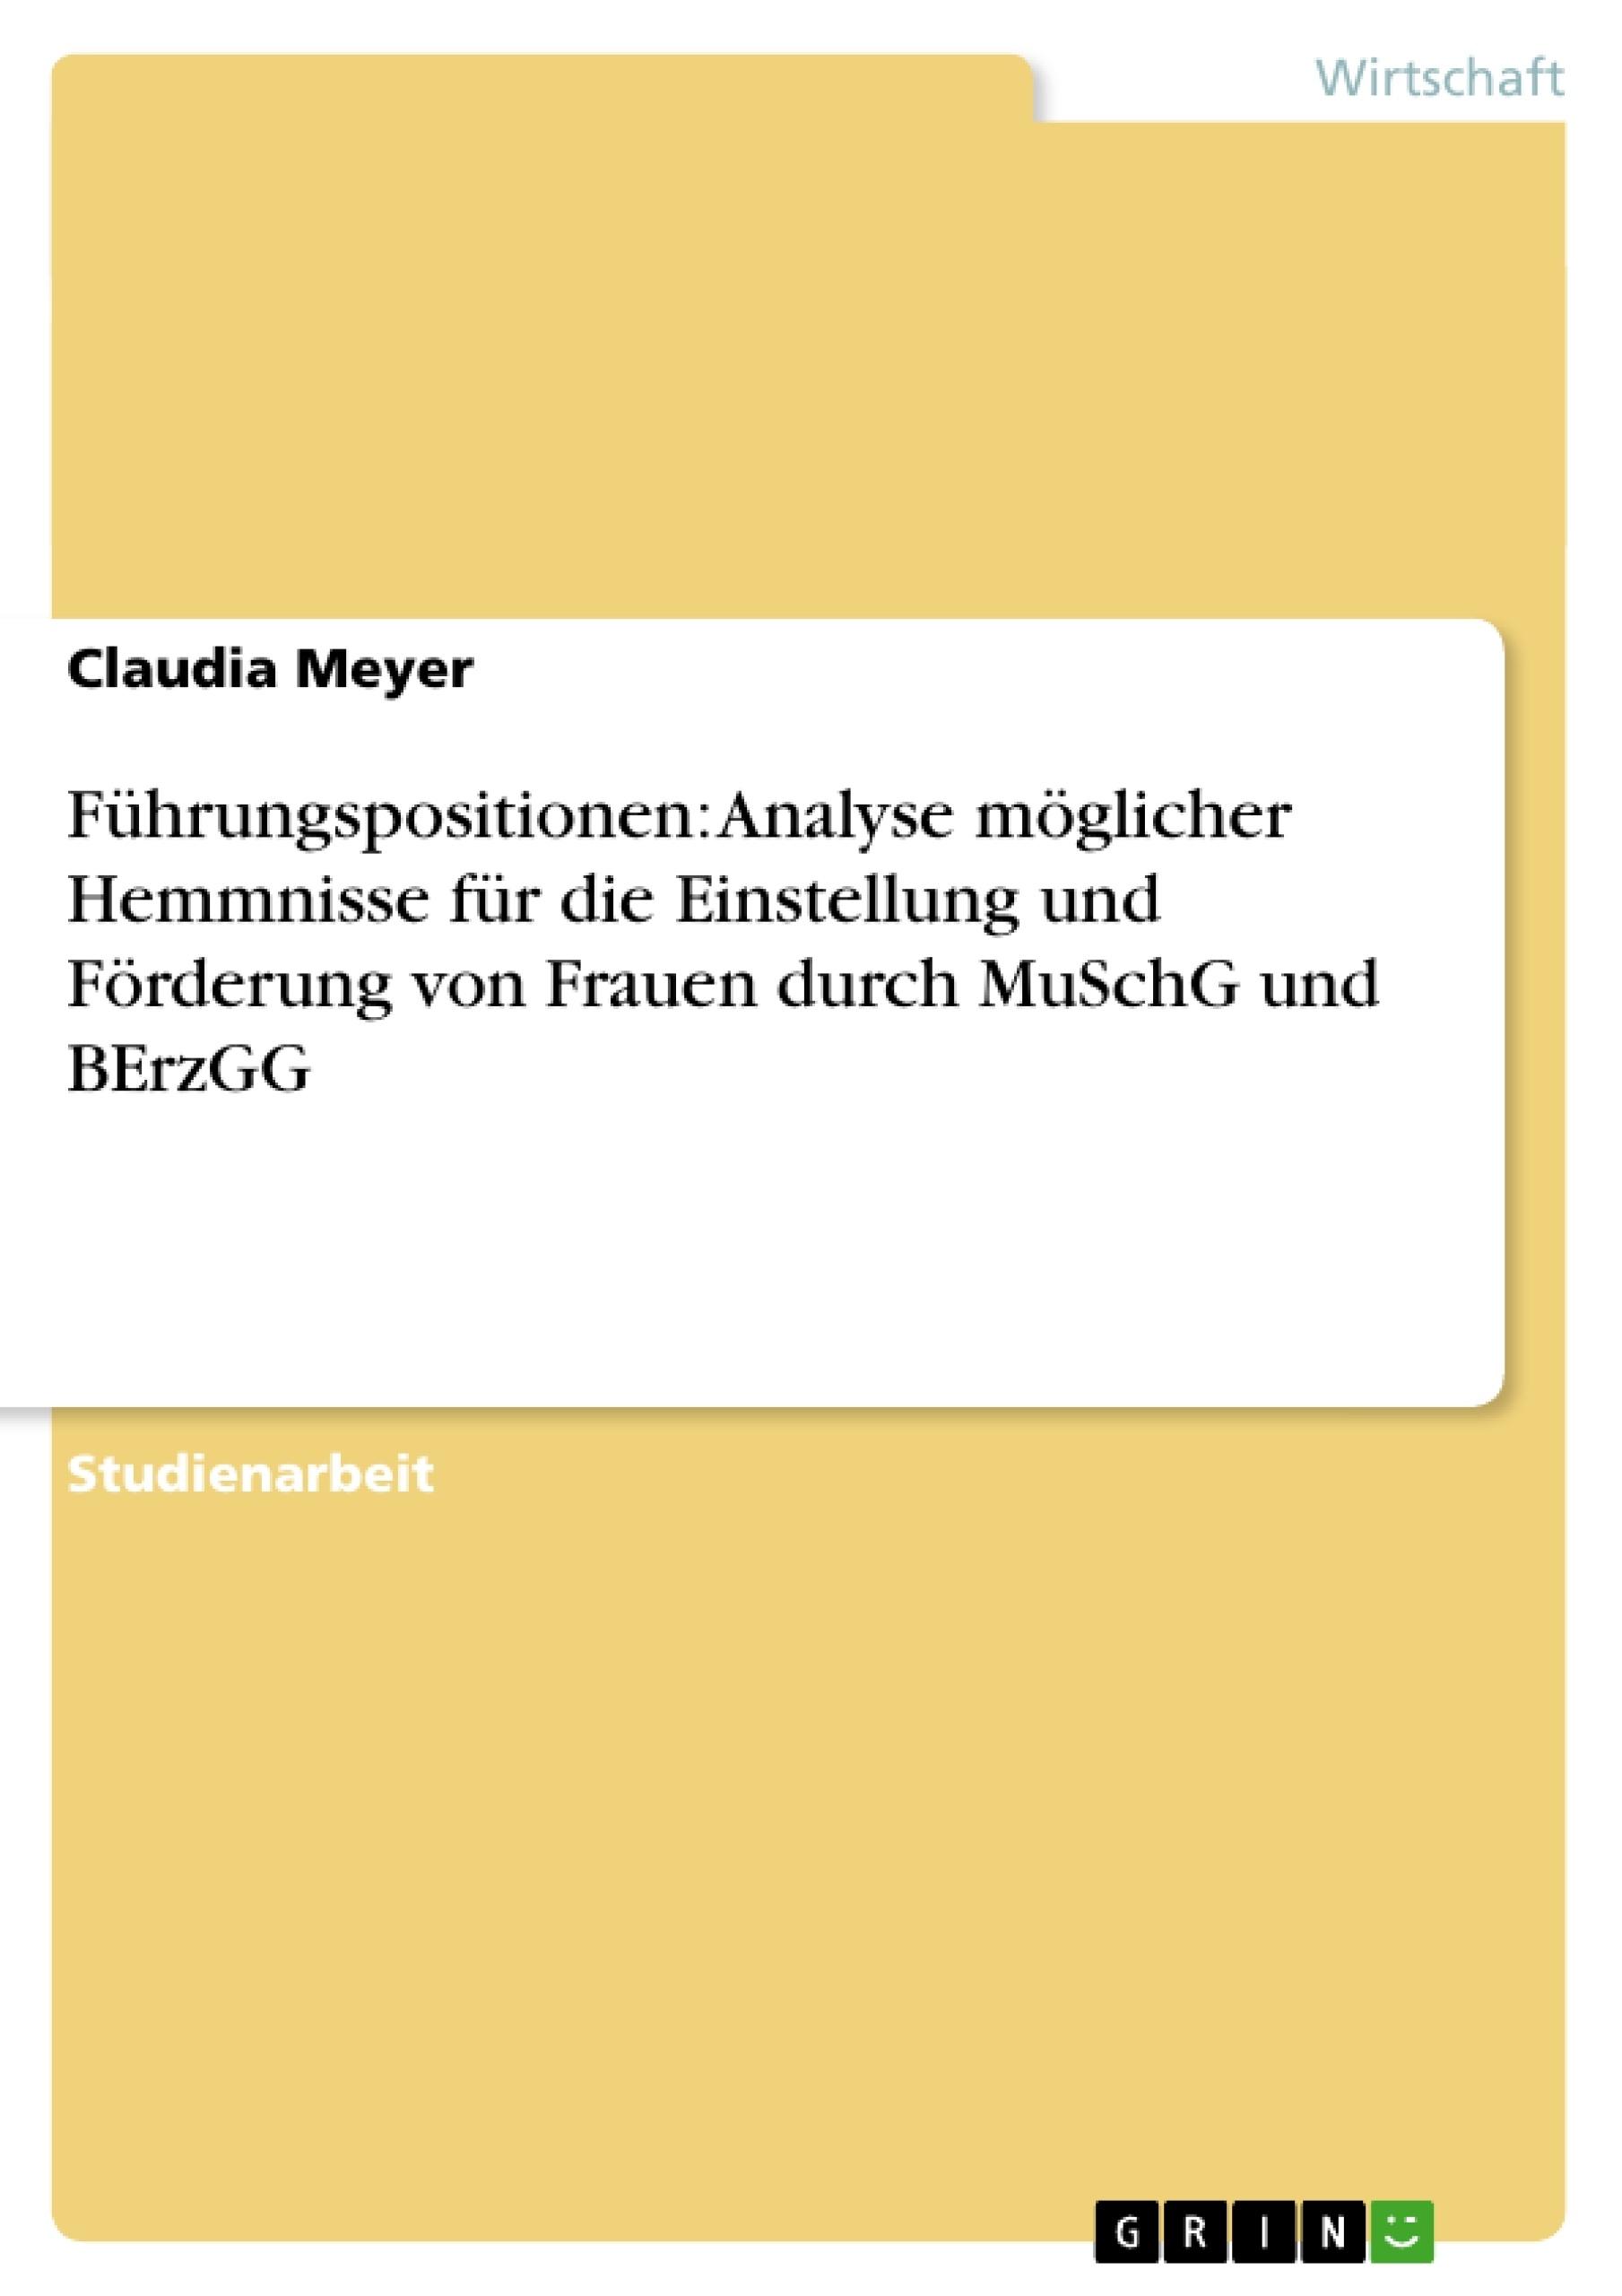 Titel: Führungspositionen: Analyse möglicher Hemmnisse für die Einstellung und Förderung von Frauen durch MuSchG und BErzGG